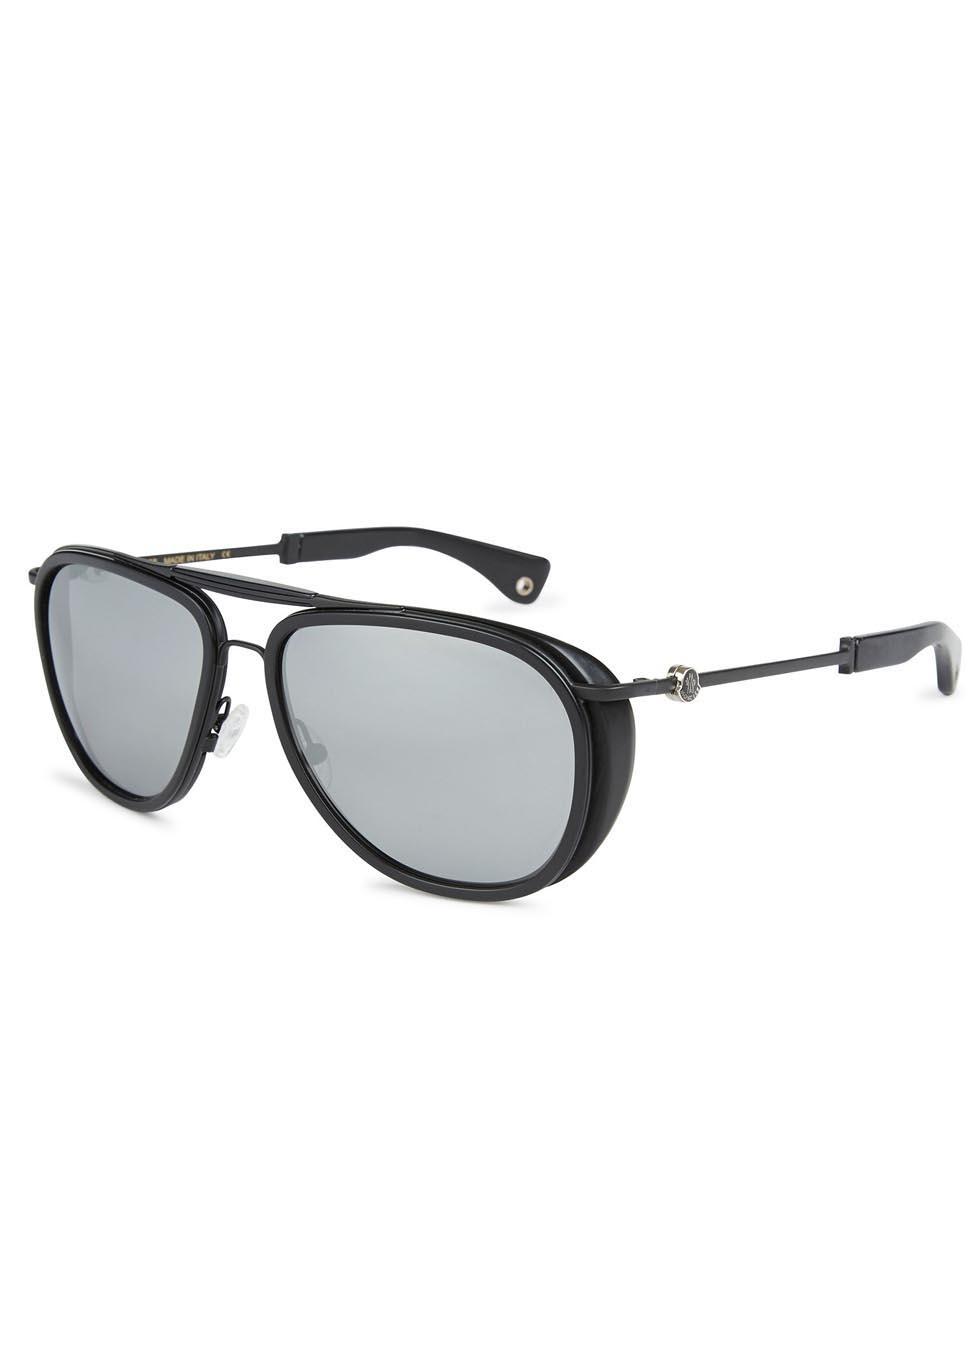 71e087e076 Moncler Aviator Style Acetate Sunglasses in Black for Men - Lyst